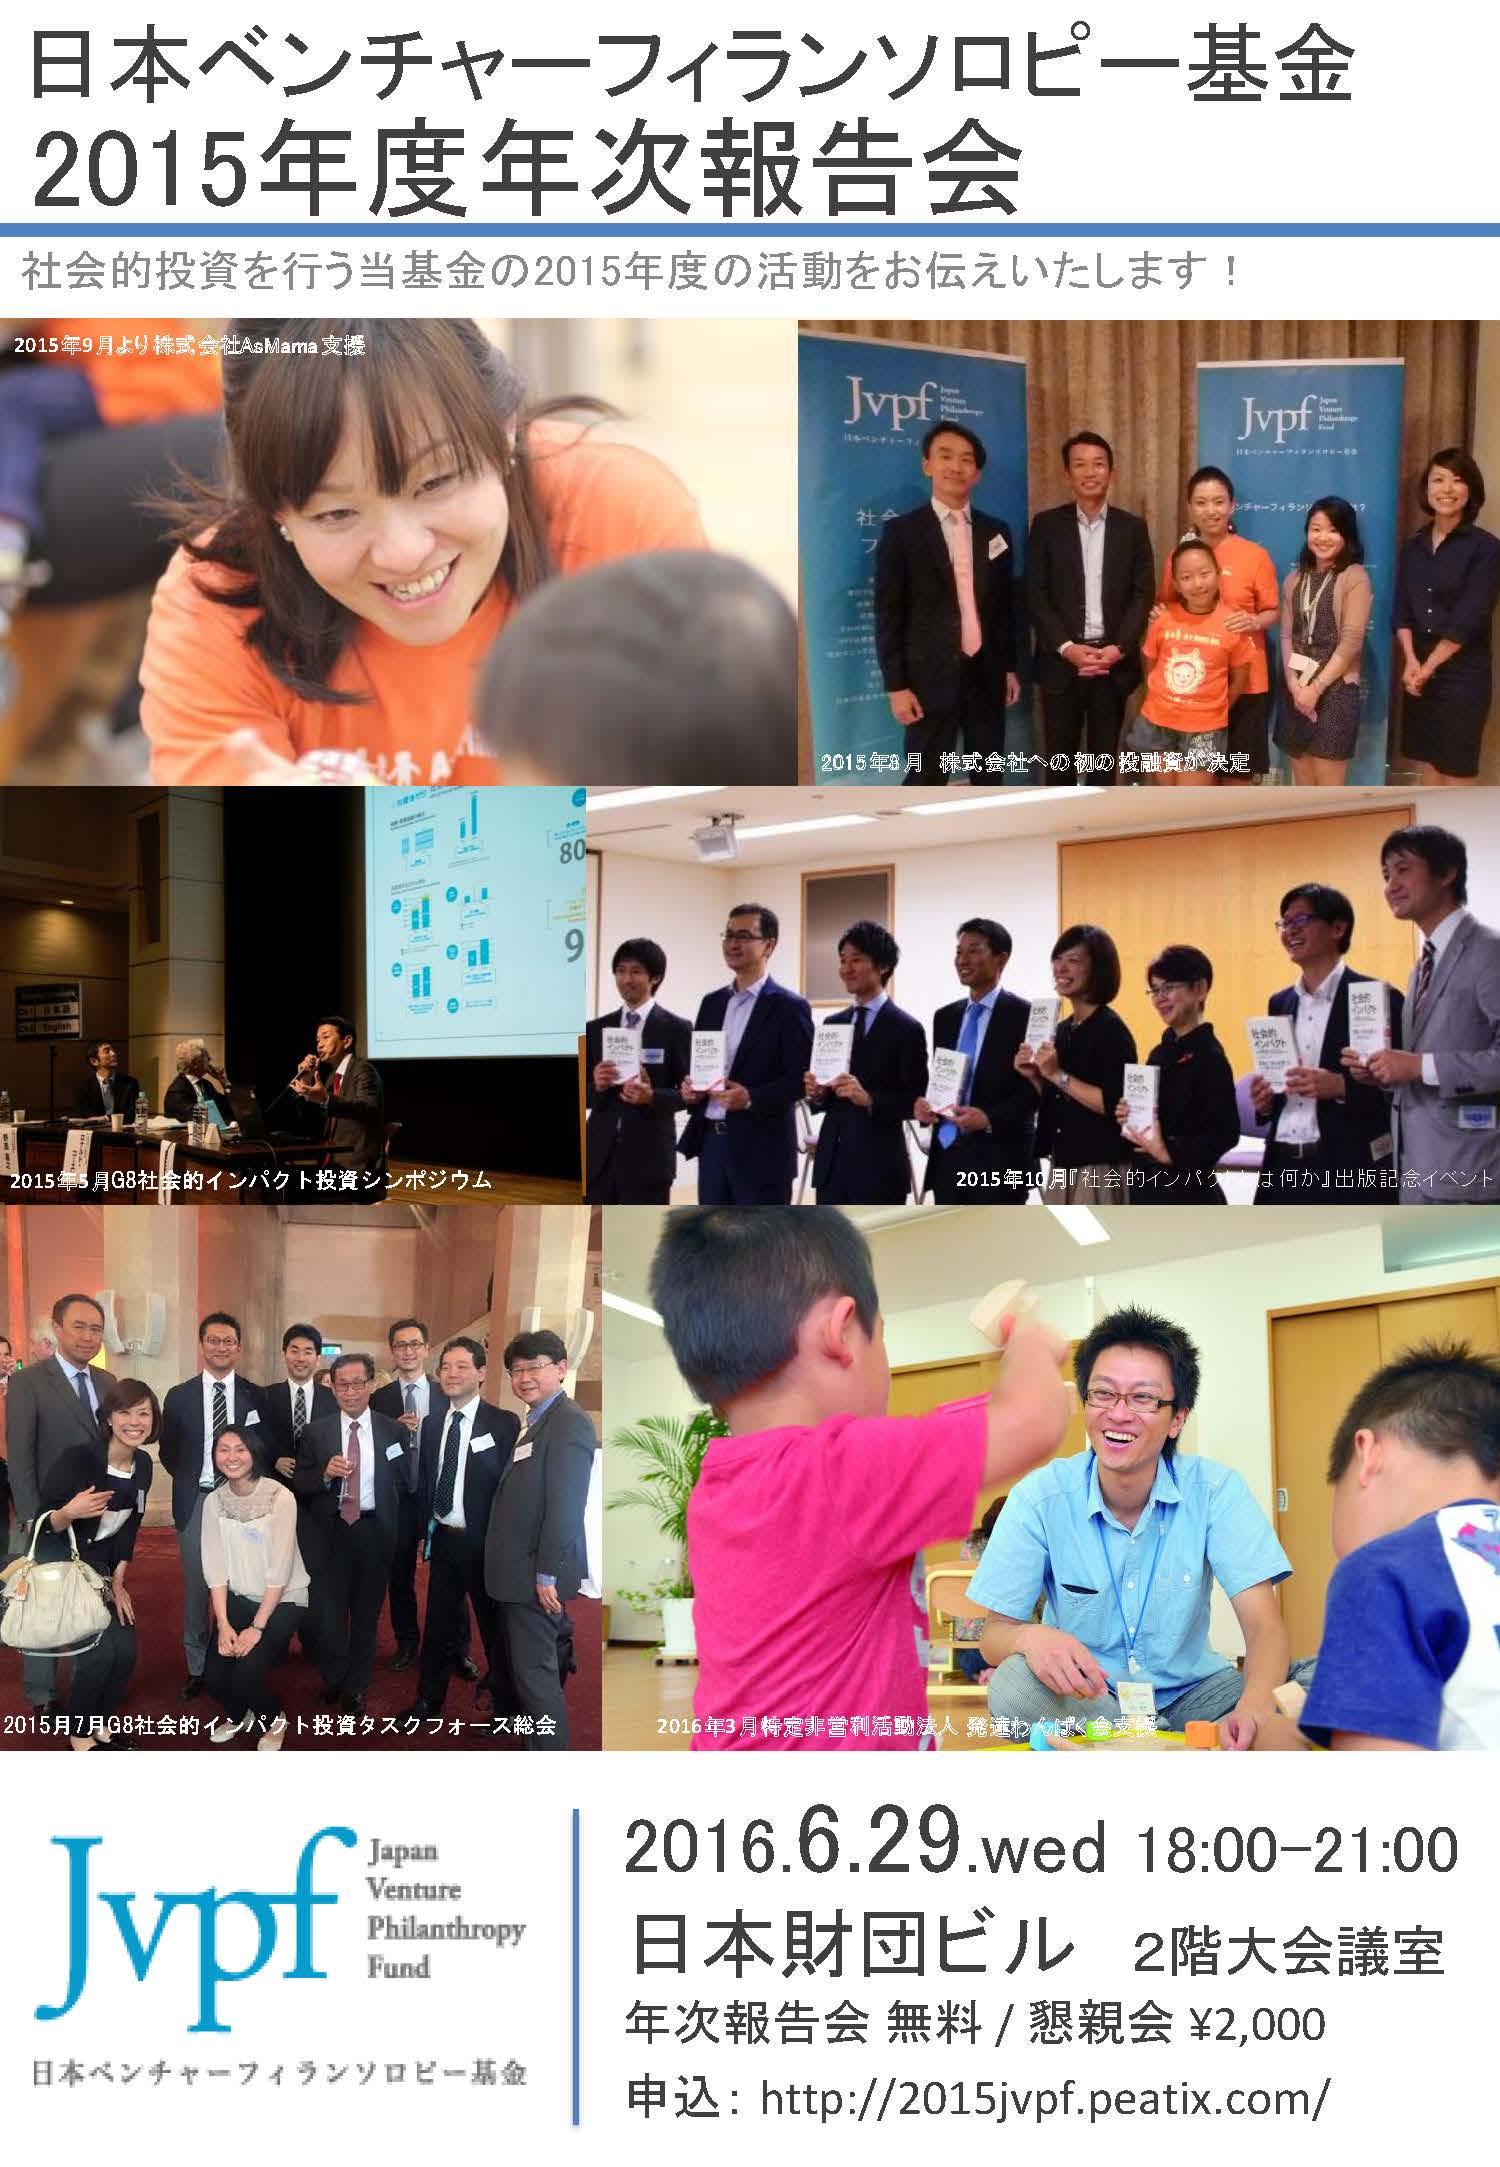 annual2015.jpg